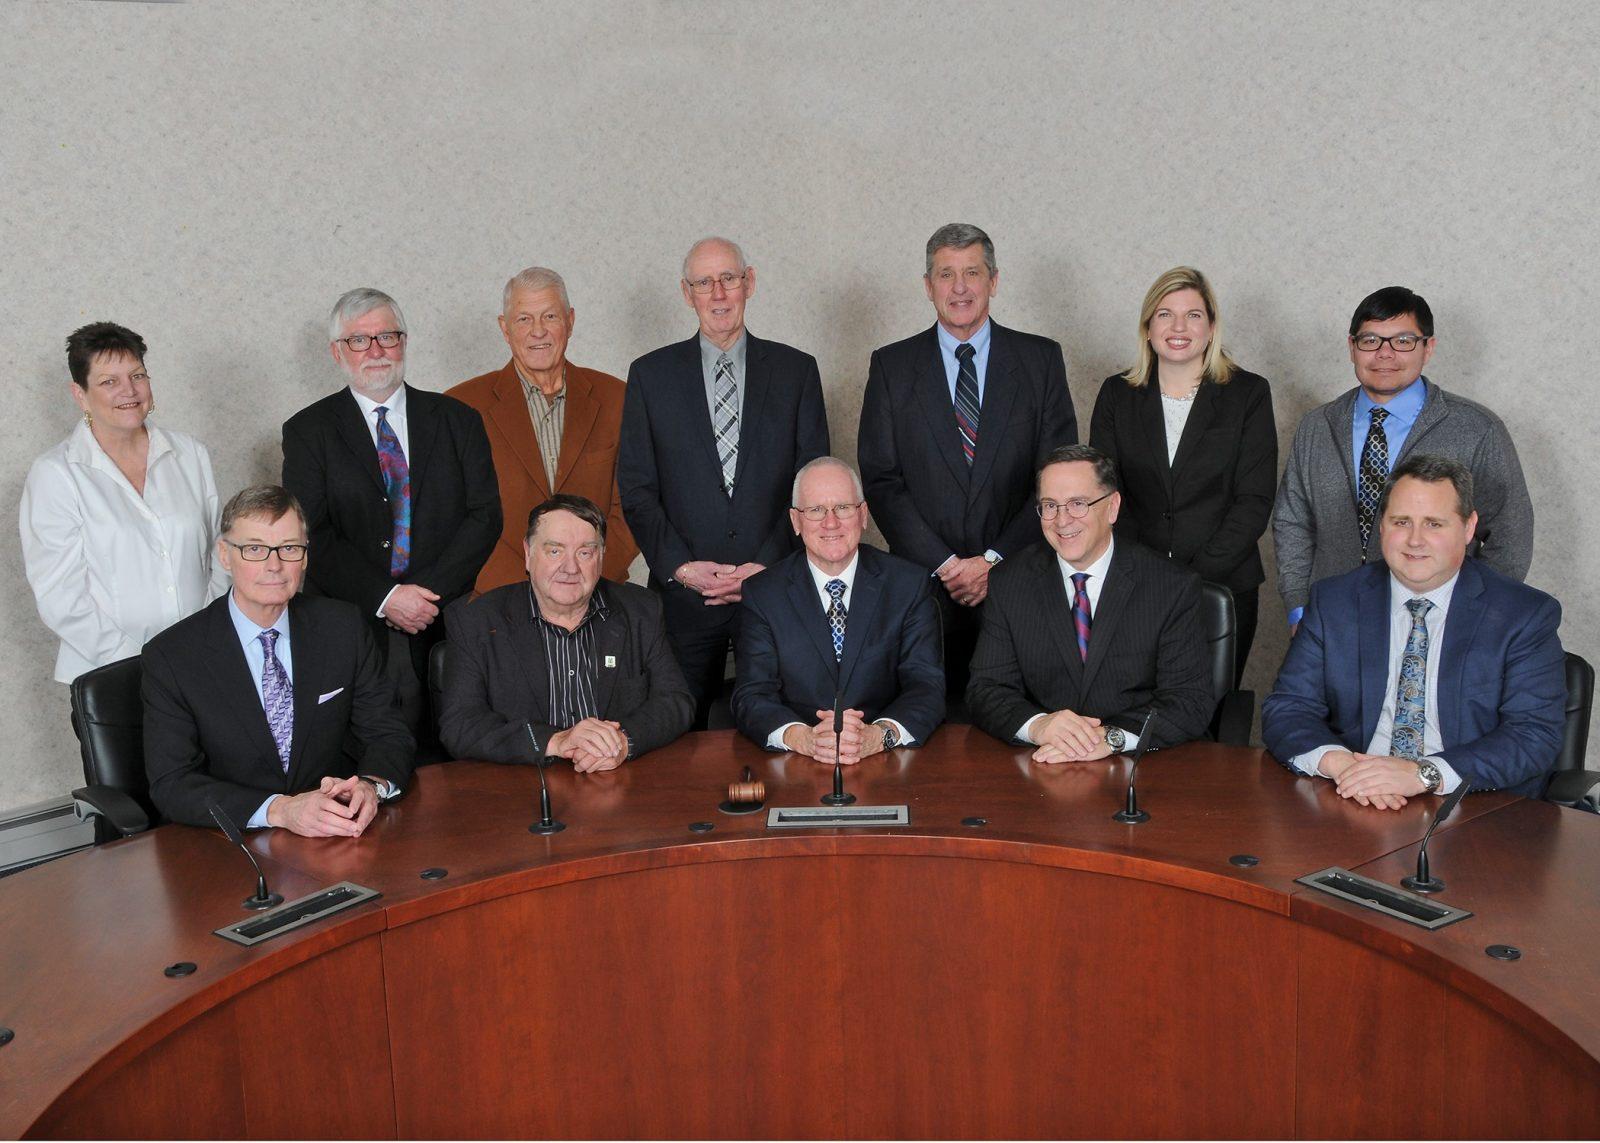 McAllister, MacPherson return as UCDSB Chair, Vice-Chair